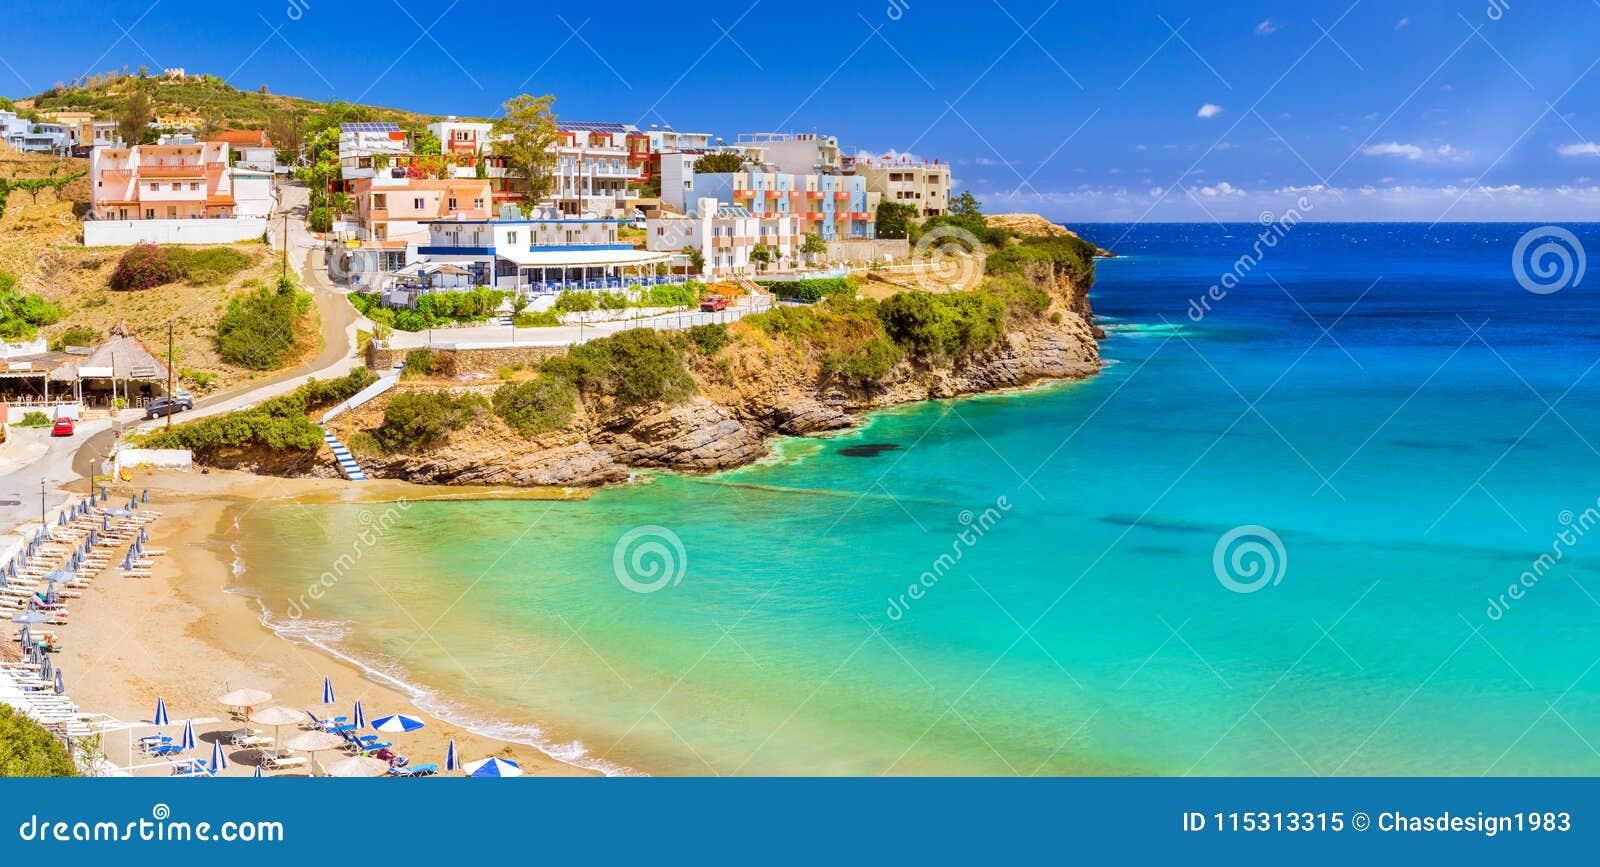 Spiaggia Di Sandy Varkotopos, Località Di Soggiorno Bali Crete ...